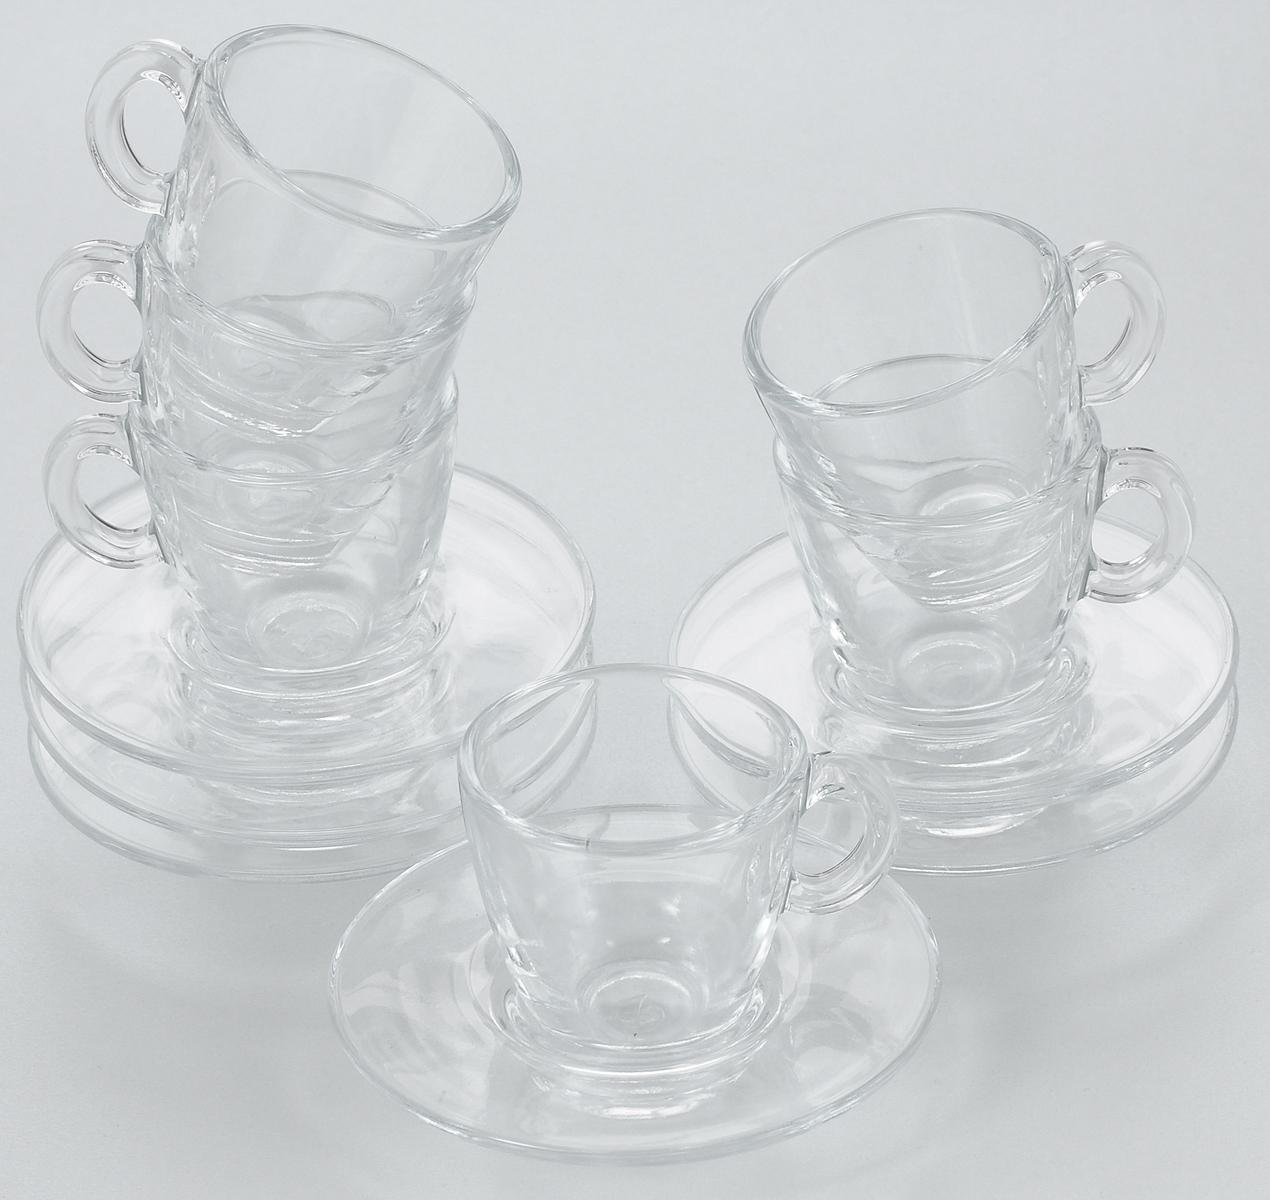 Набор чайный Pasabahce Aqua, 12 предметов. 95756BT115510Чайный набор Pasabahce Aqua состоит из шести чашек и шести блюдец. Предметы набора изготовлены из прочного натрий-кальций-силикатного стекла. Изящный чайный набор великолепно украсит стол к чаепитию и порадует вас и ваших гостей ярким дизайном и качеством исполнения.Диаметр чашки: 5,8 см. Диаметр блюдца: 10,2 см.